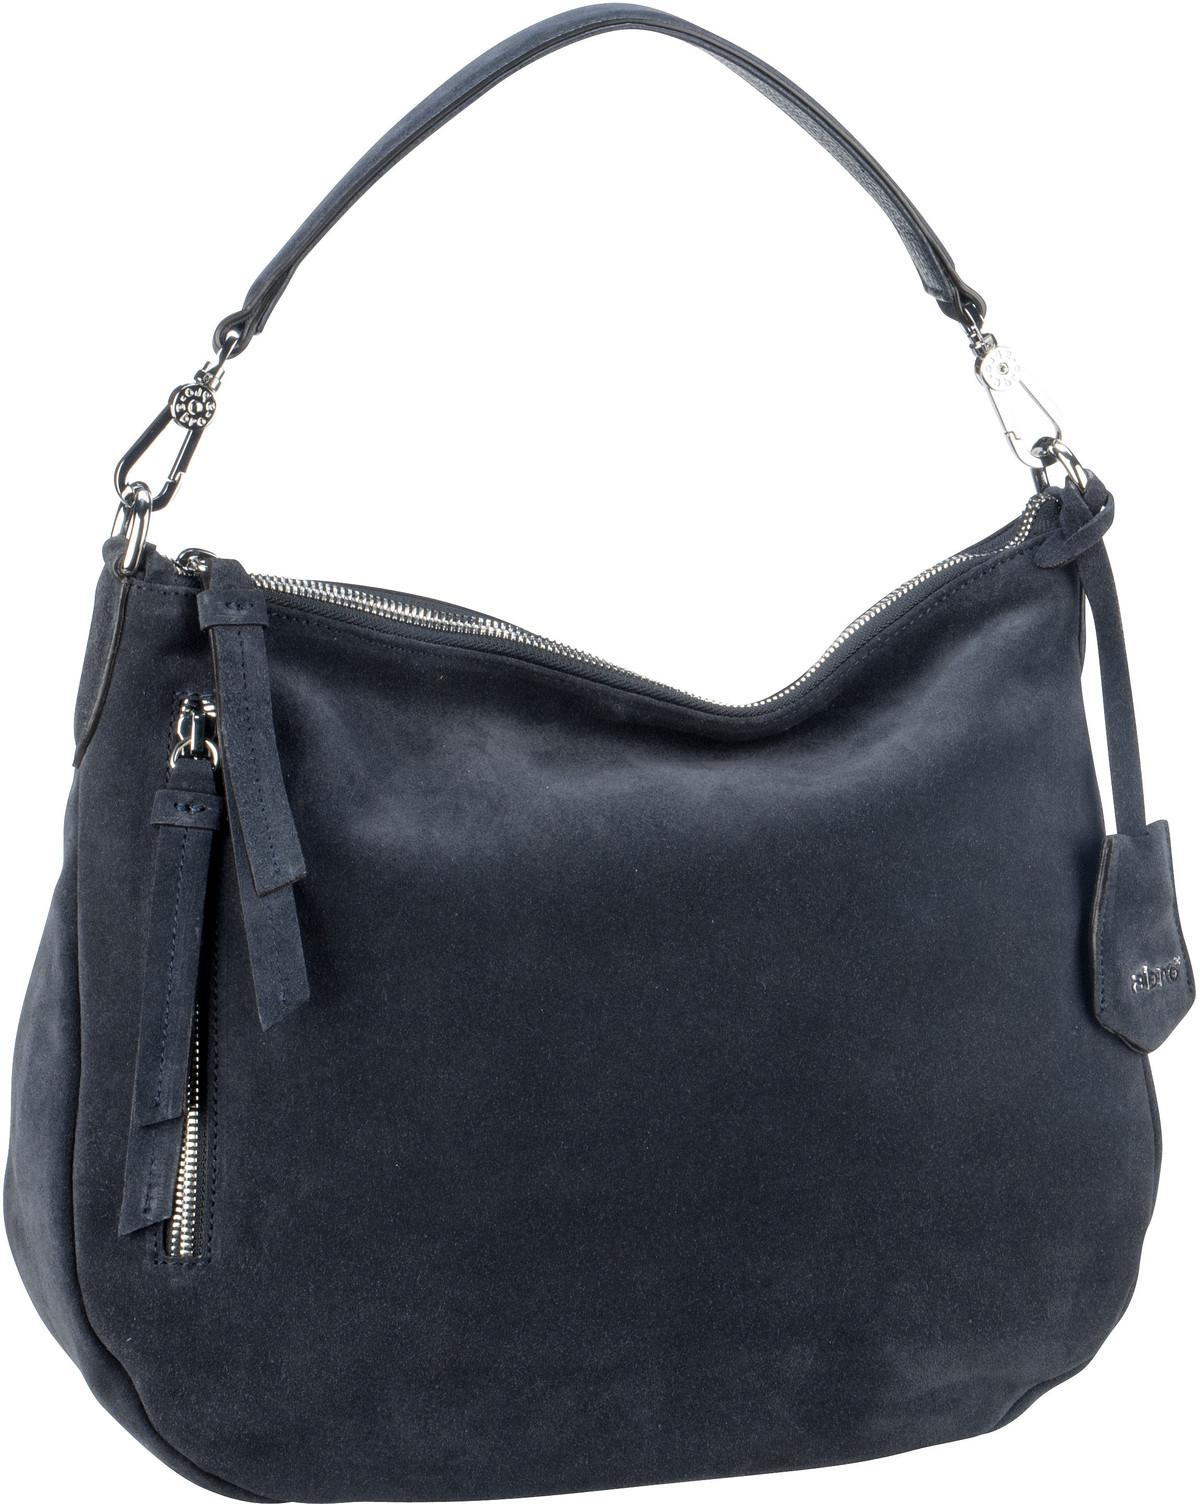 Handtasche Suede 28623 Navy